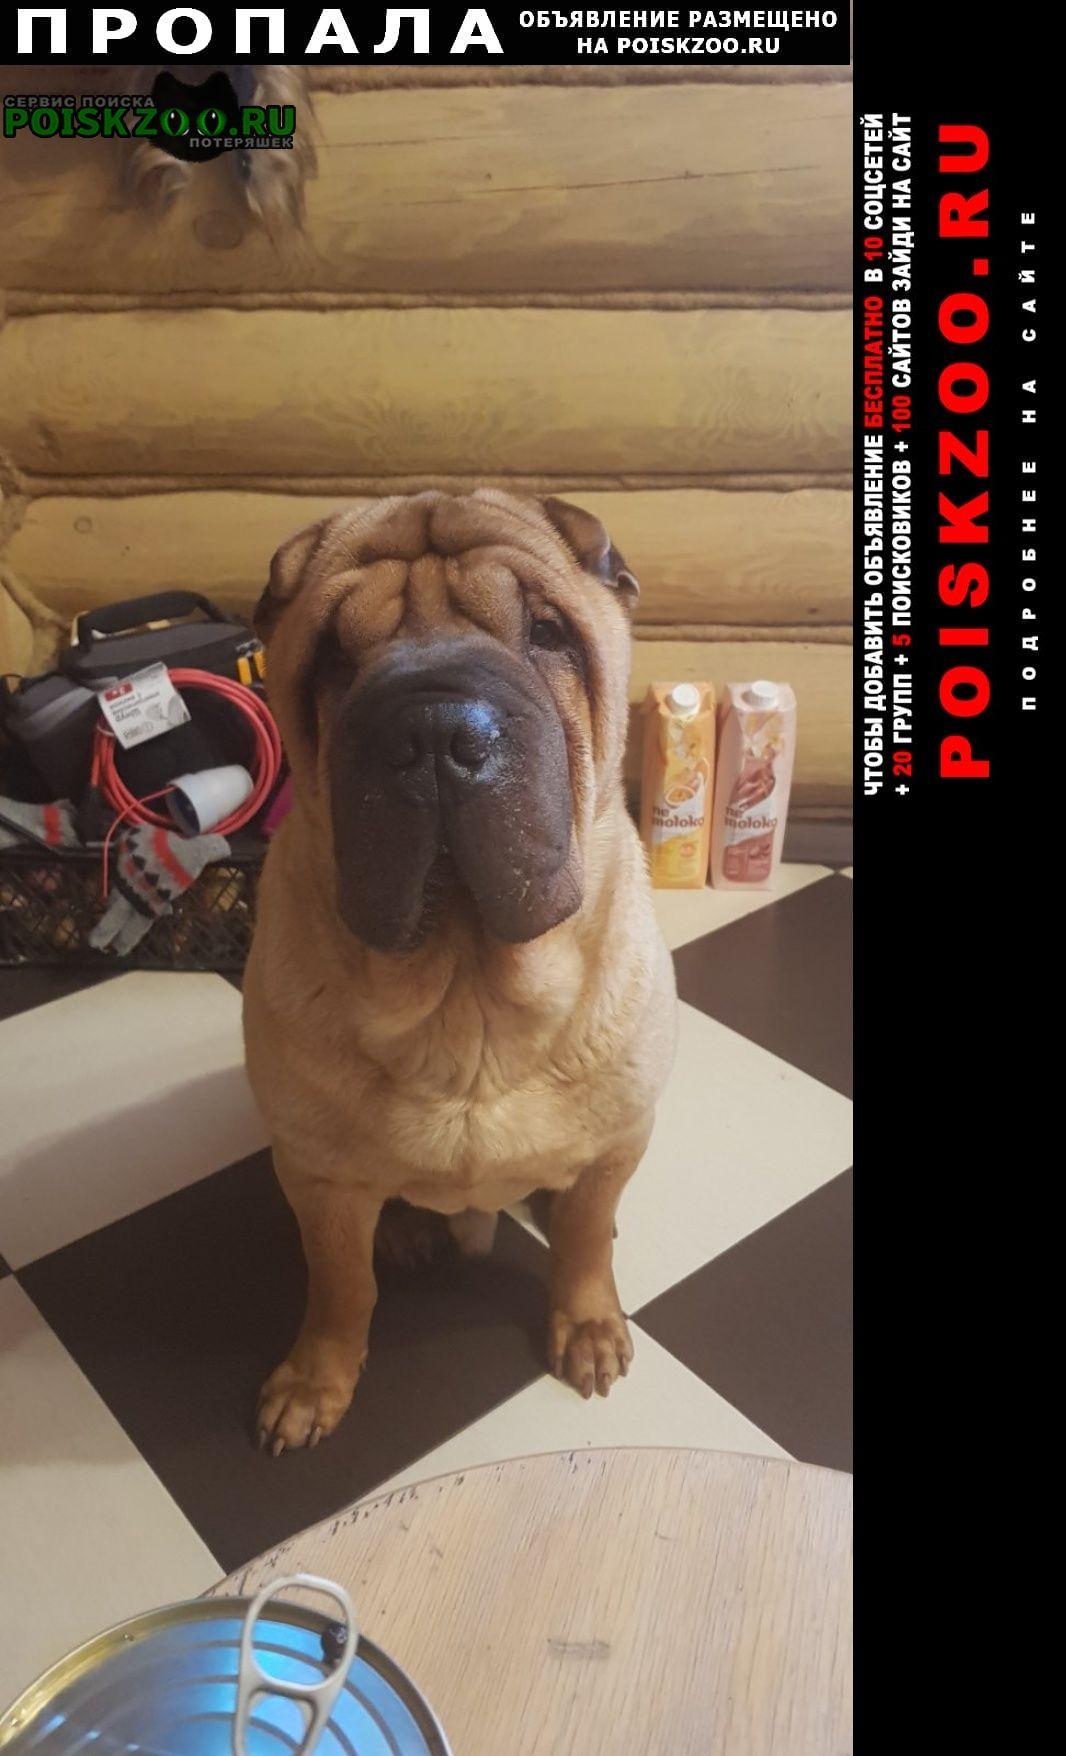 Пропала собака Ветлуга